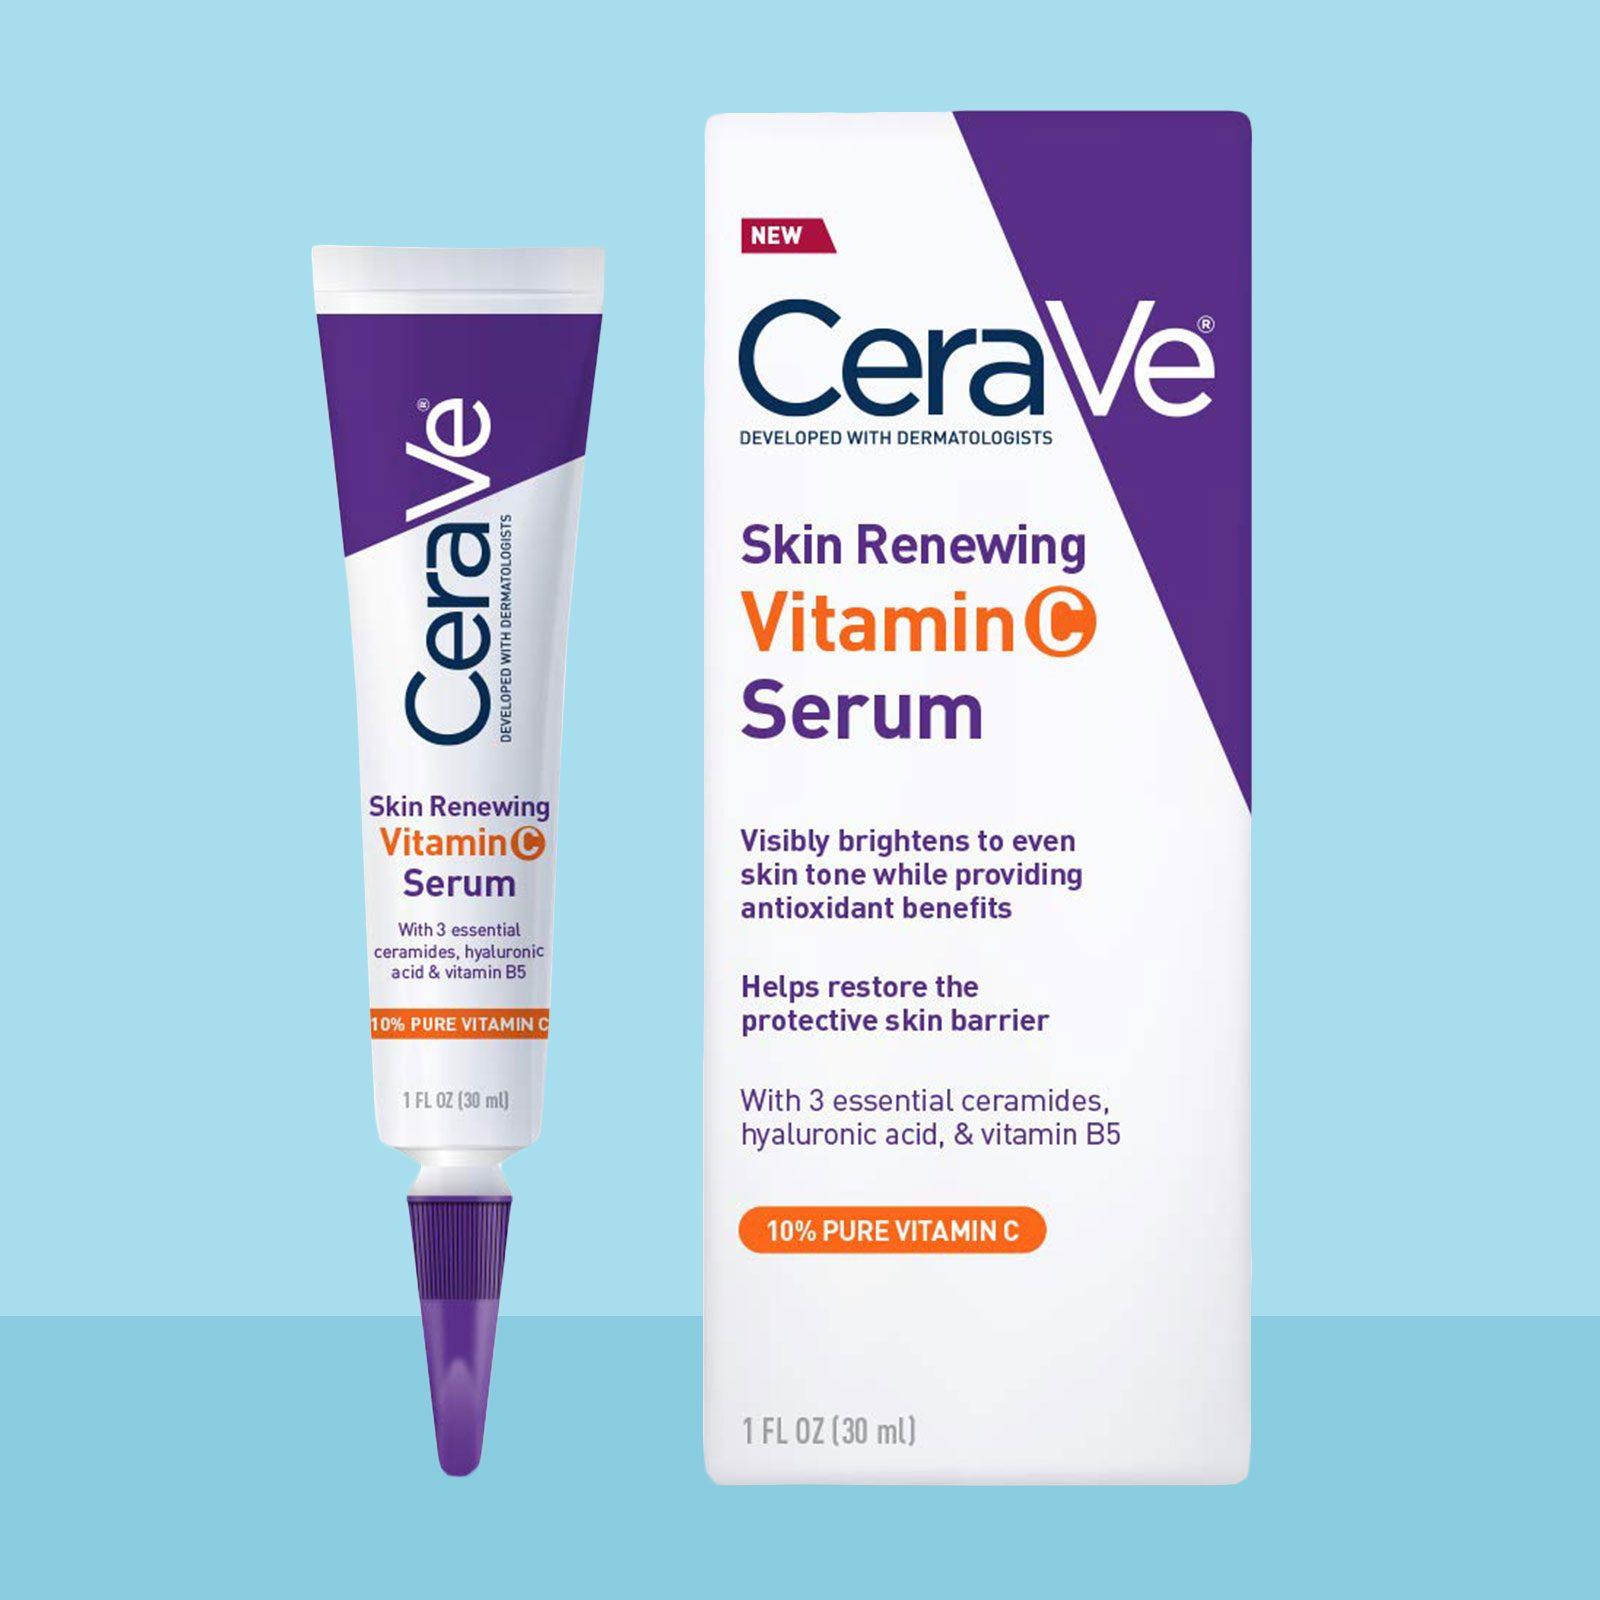 Best face serum with Vitamin C: CeraVe Vitamin C Serum